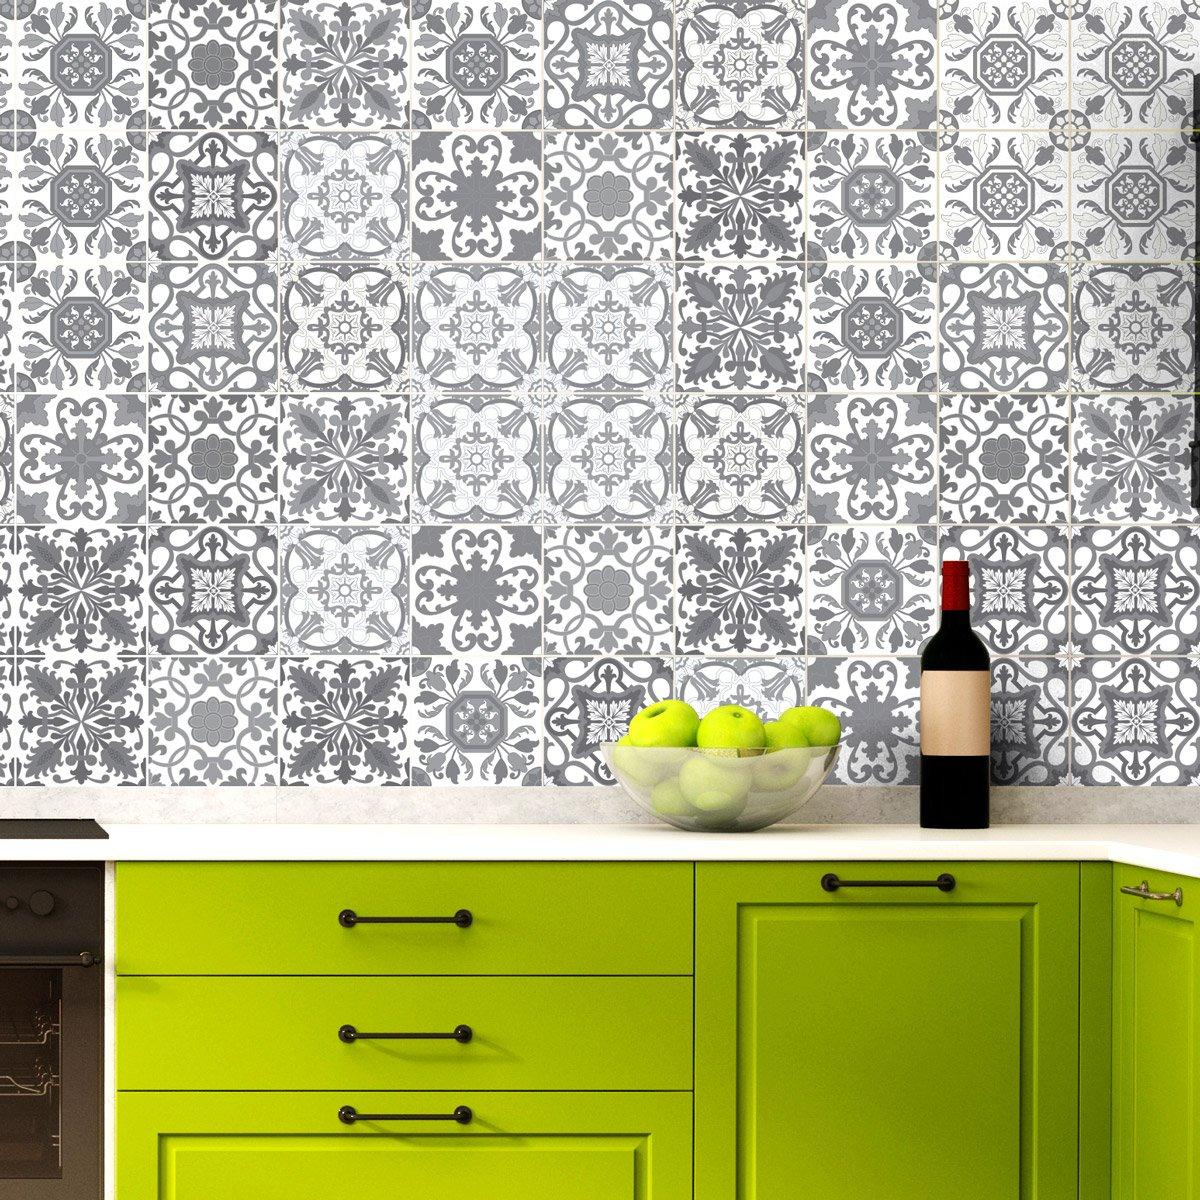 60 Aufkleber Fliesen | Sticker Selbstklebend Fliesen – Mosaik ...